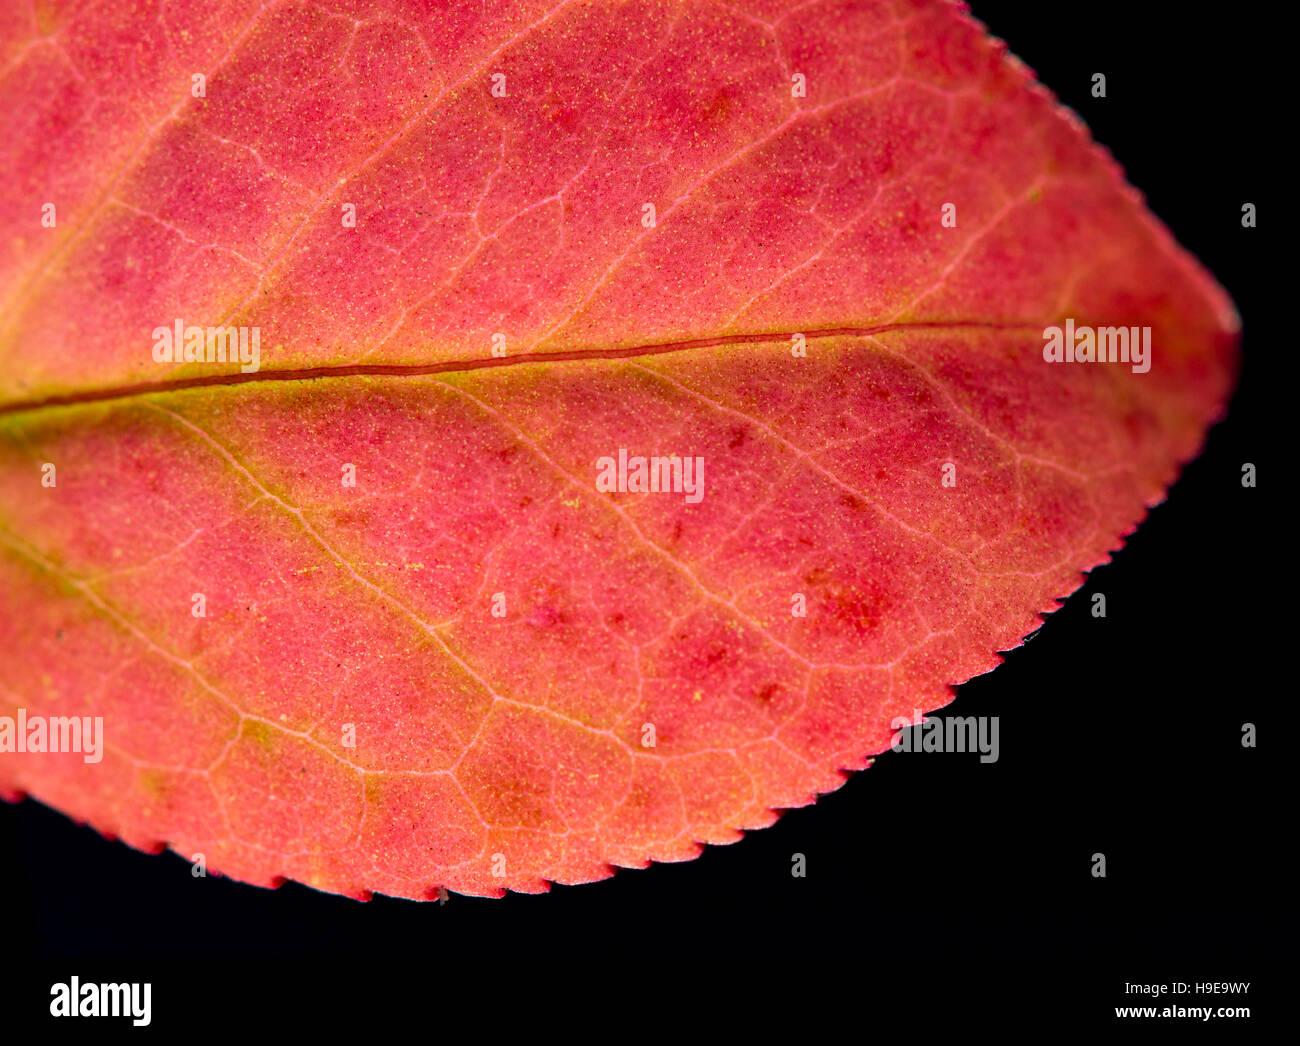 Schließen Sie detaillierte Makro von einem bunten Herbst Blatt zeigt die Textur, Venen und Muster. Stockfoto